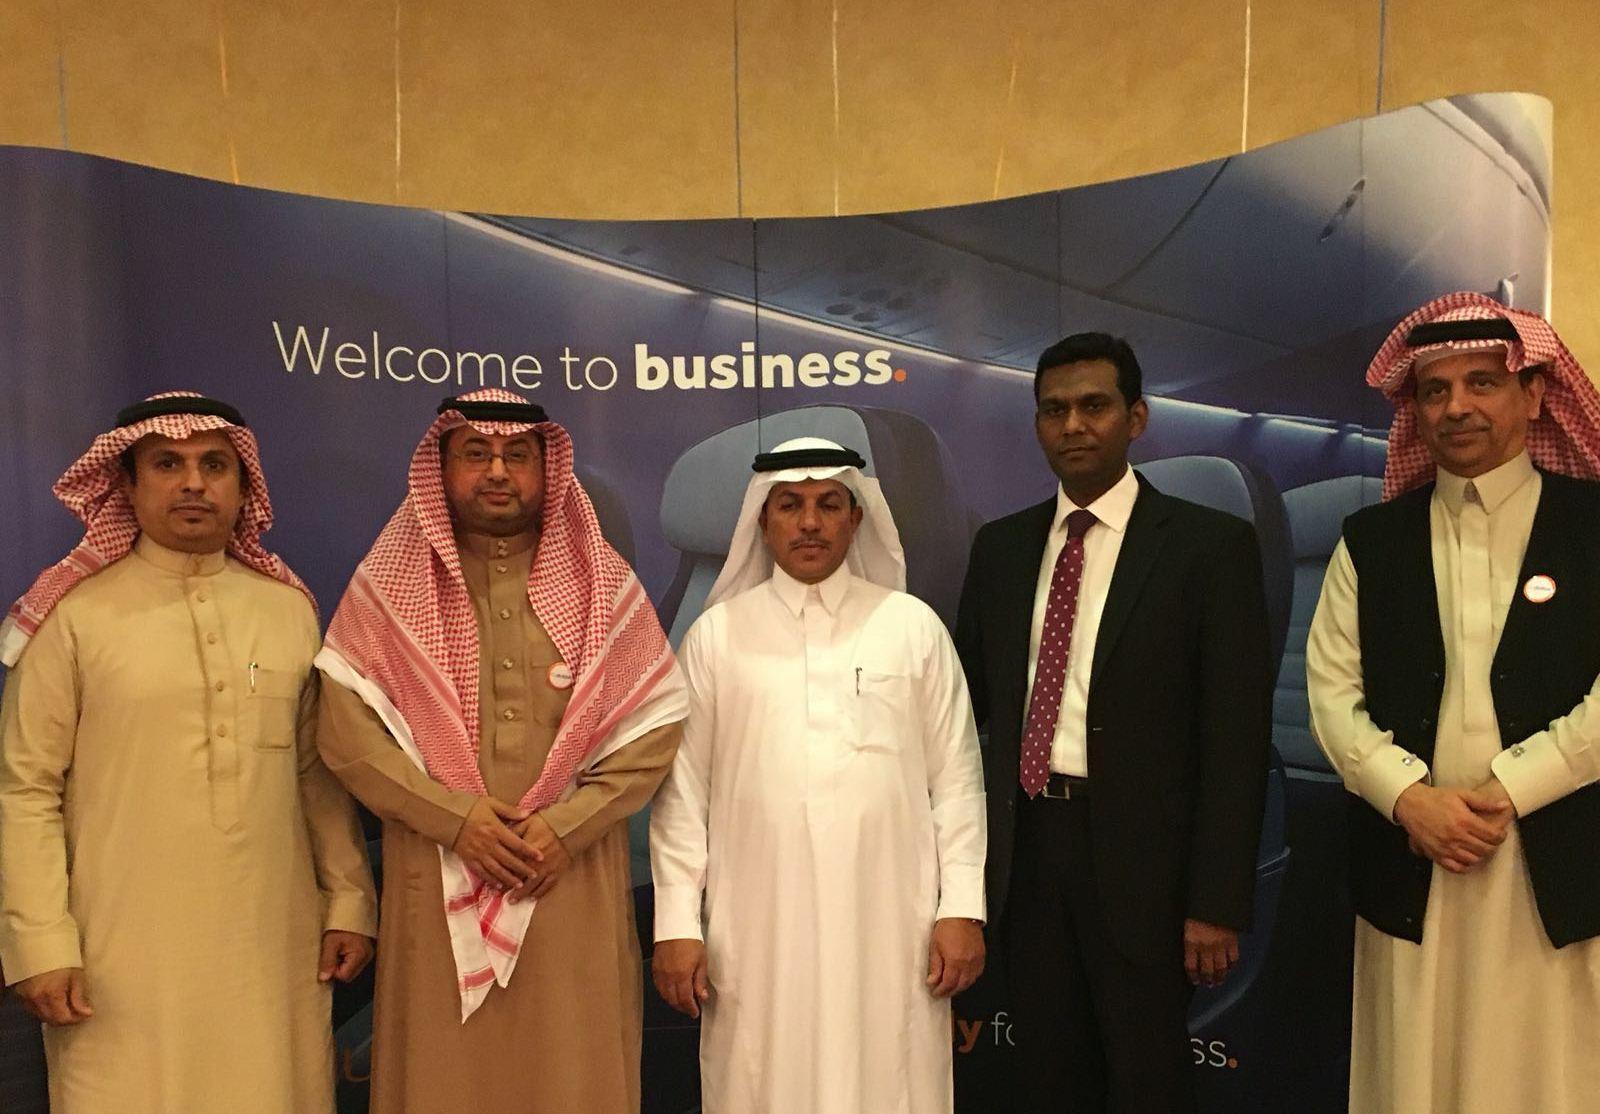 مدير عام المطارات الجنوبية يرعى حفل فلاي دبي بخميس مشيط (1)